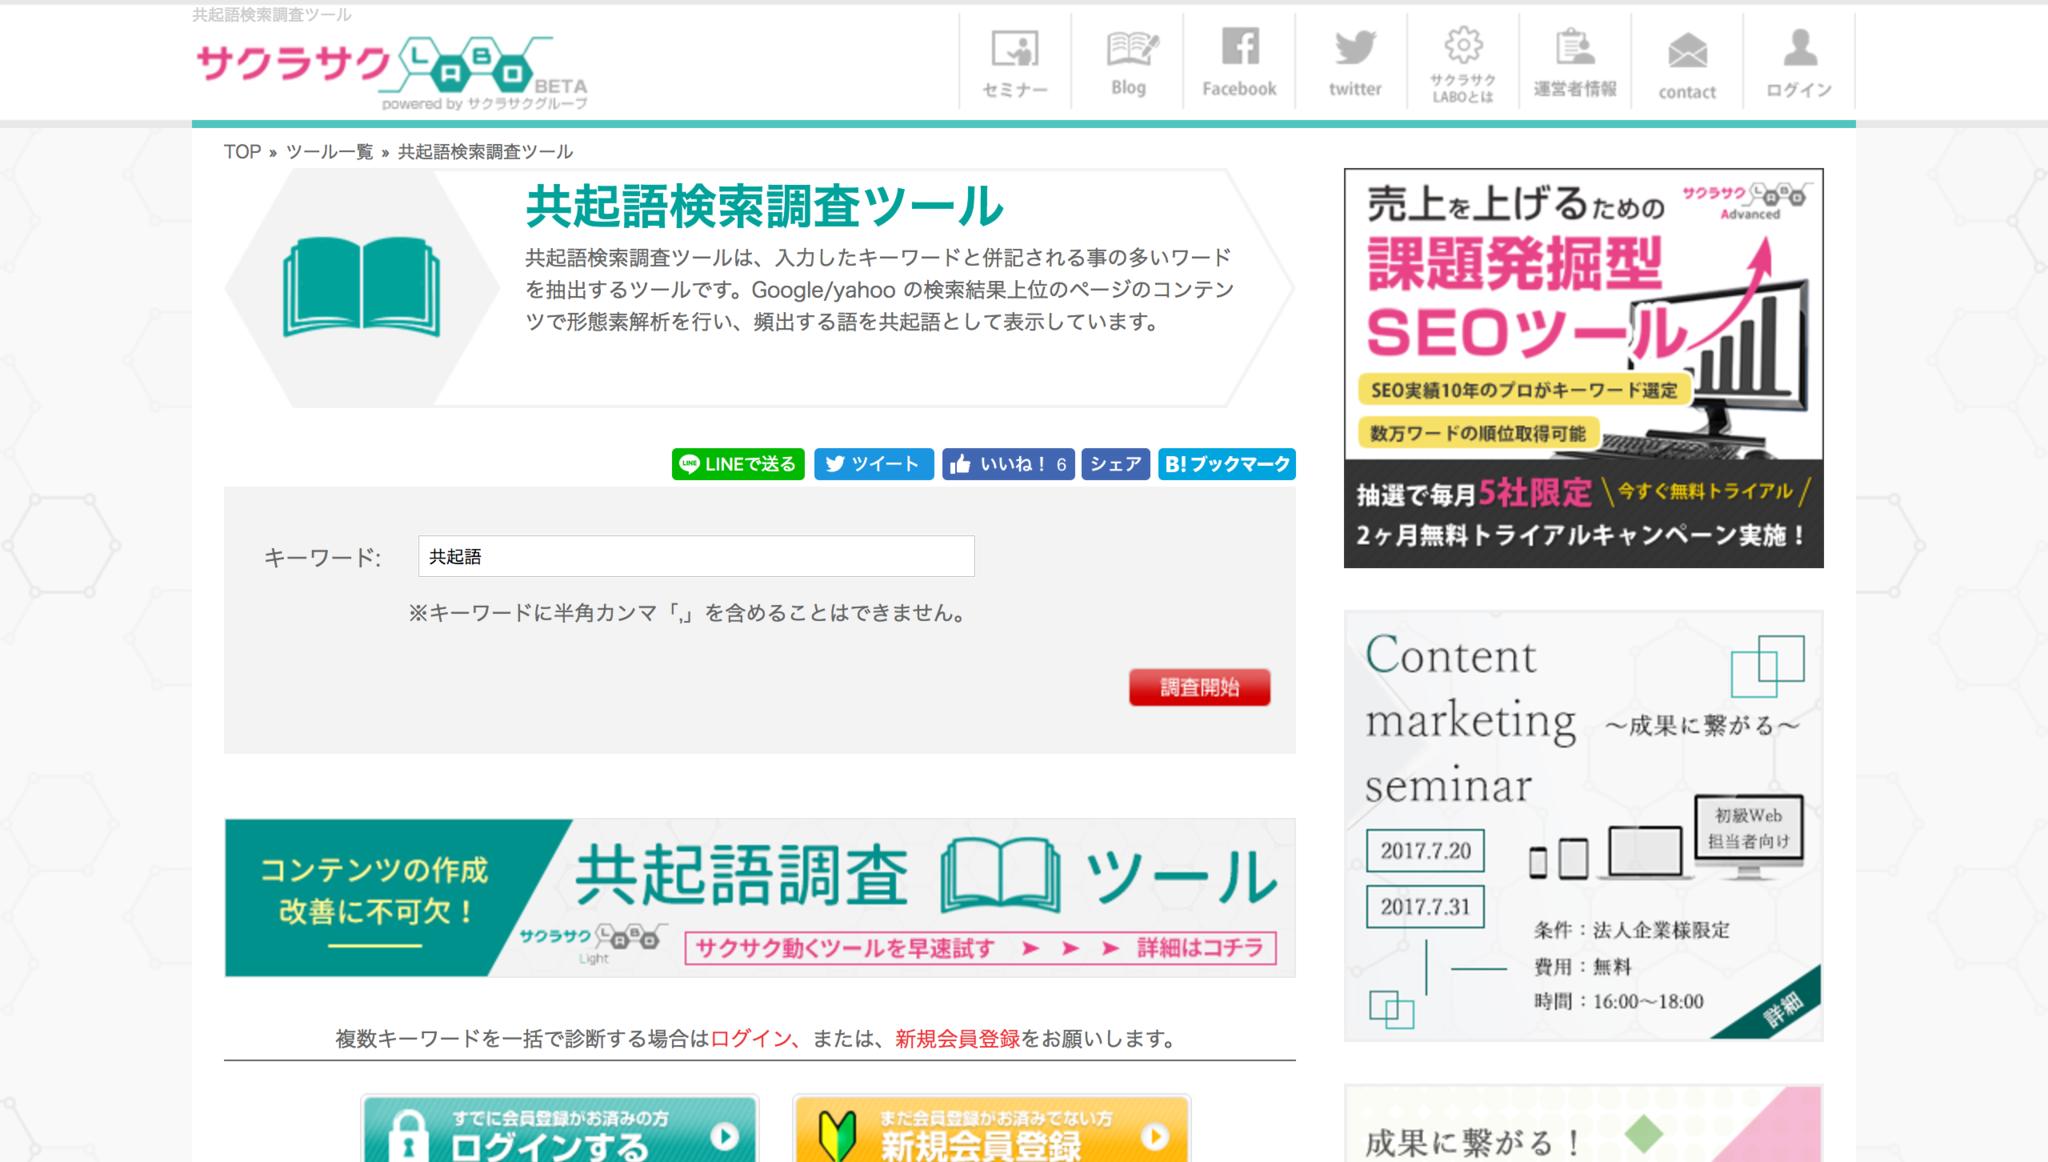 共起語検索調査ツール___SEO・リスティング・コンテンツ制作などWEBマーケティングに役立つサクラサクLABO.png